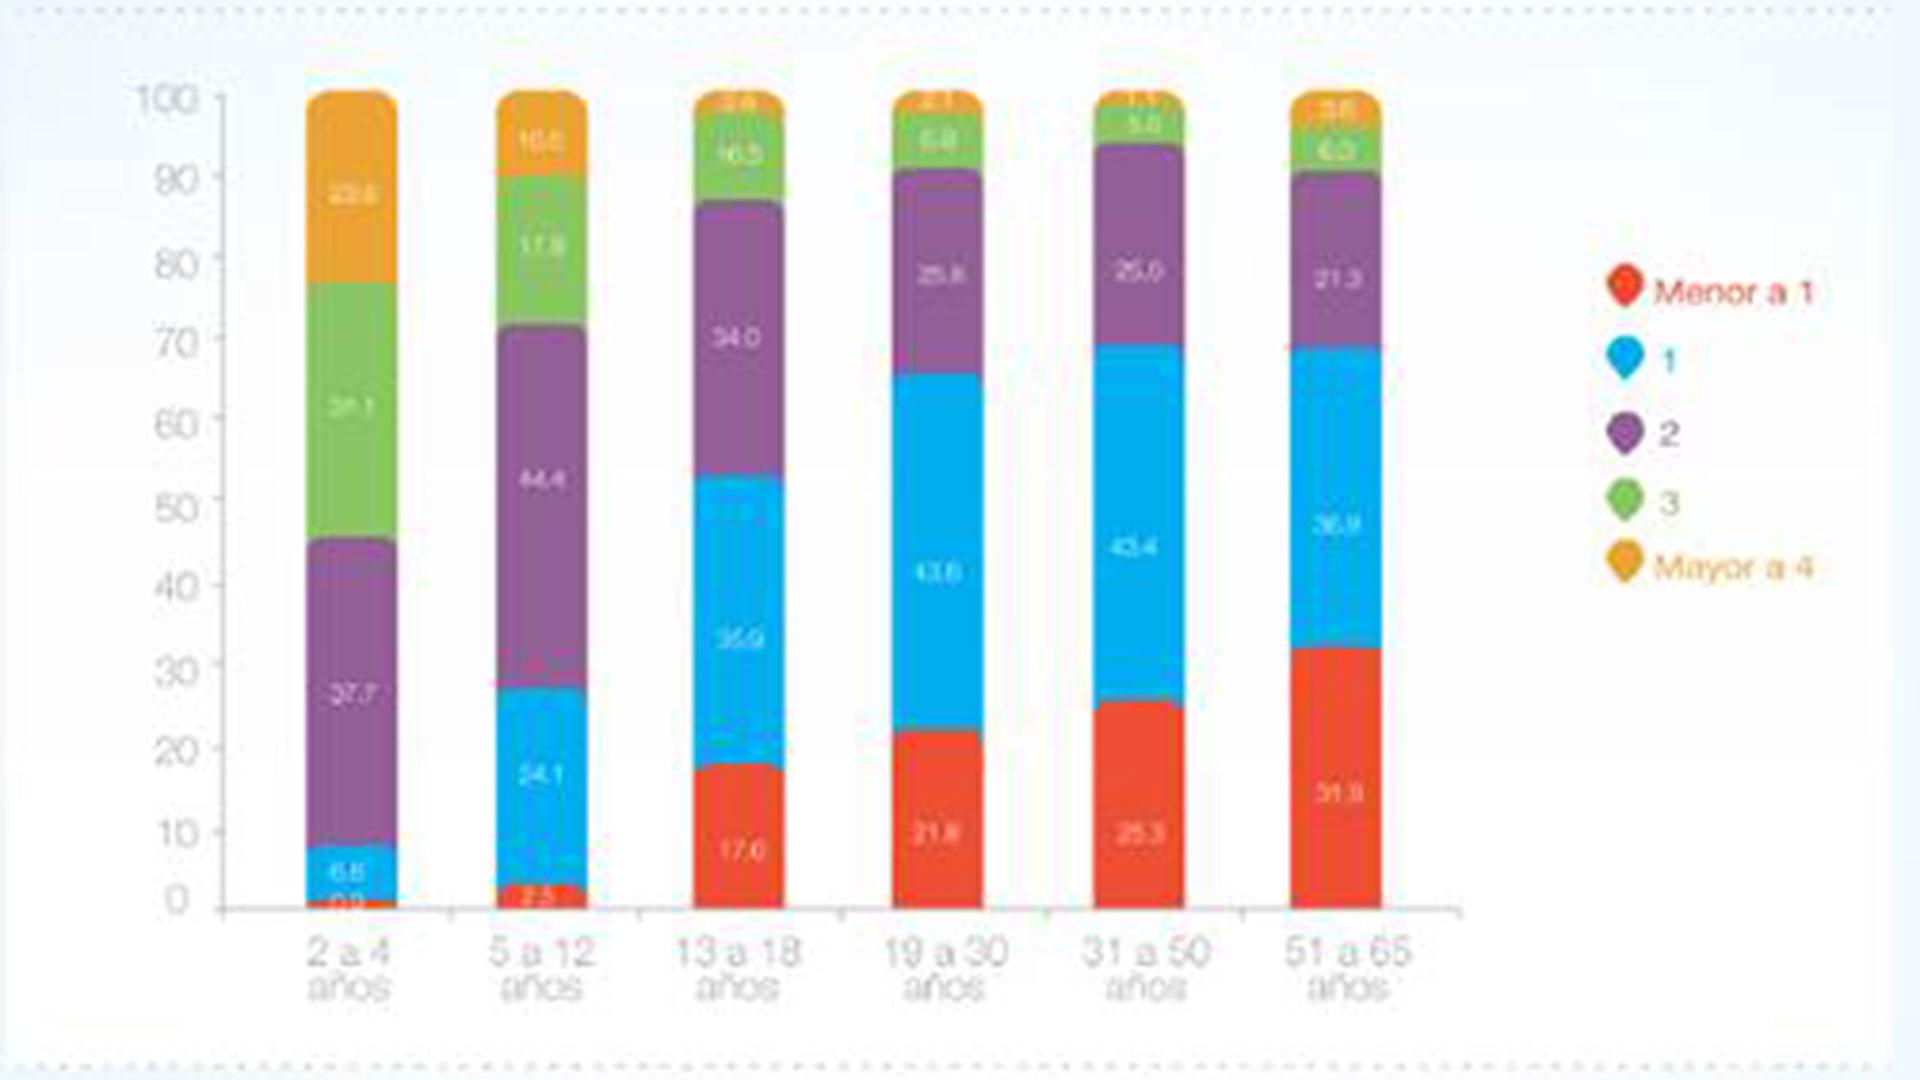 Porciones de lácteos consumidos por grupo etario (%). Fuente: CESNI